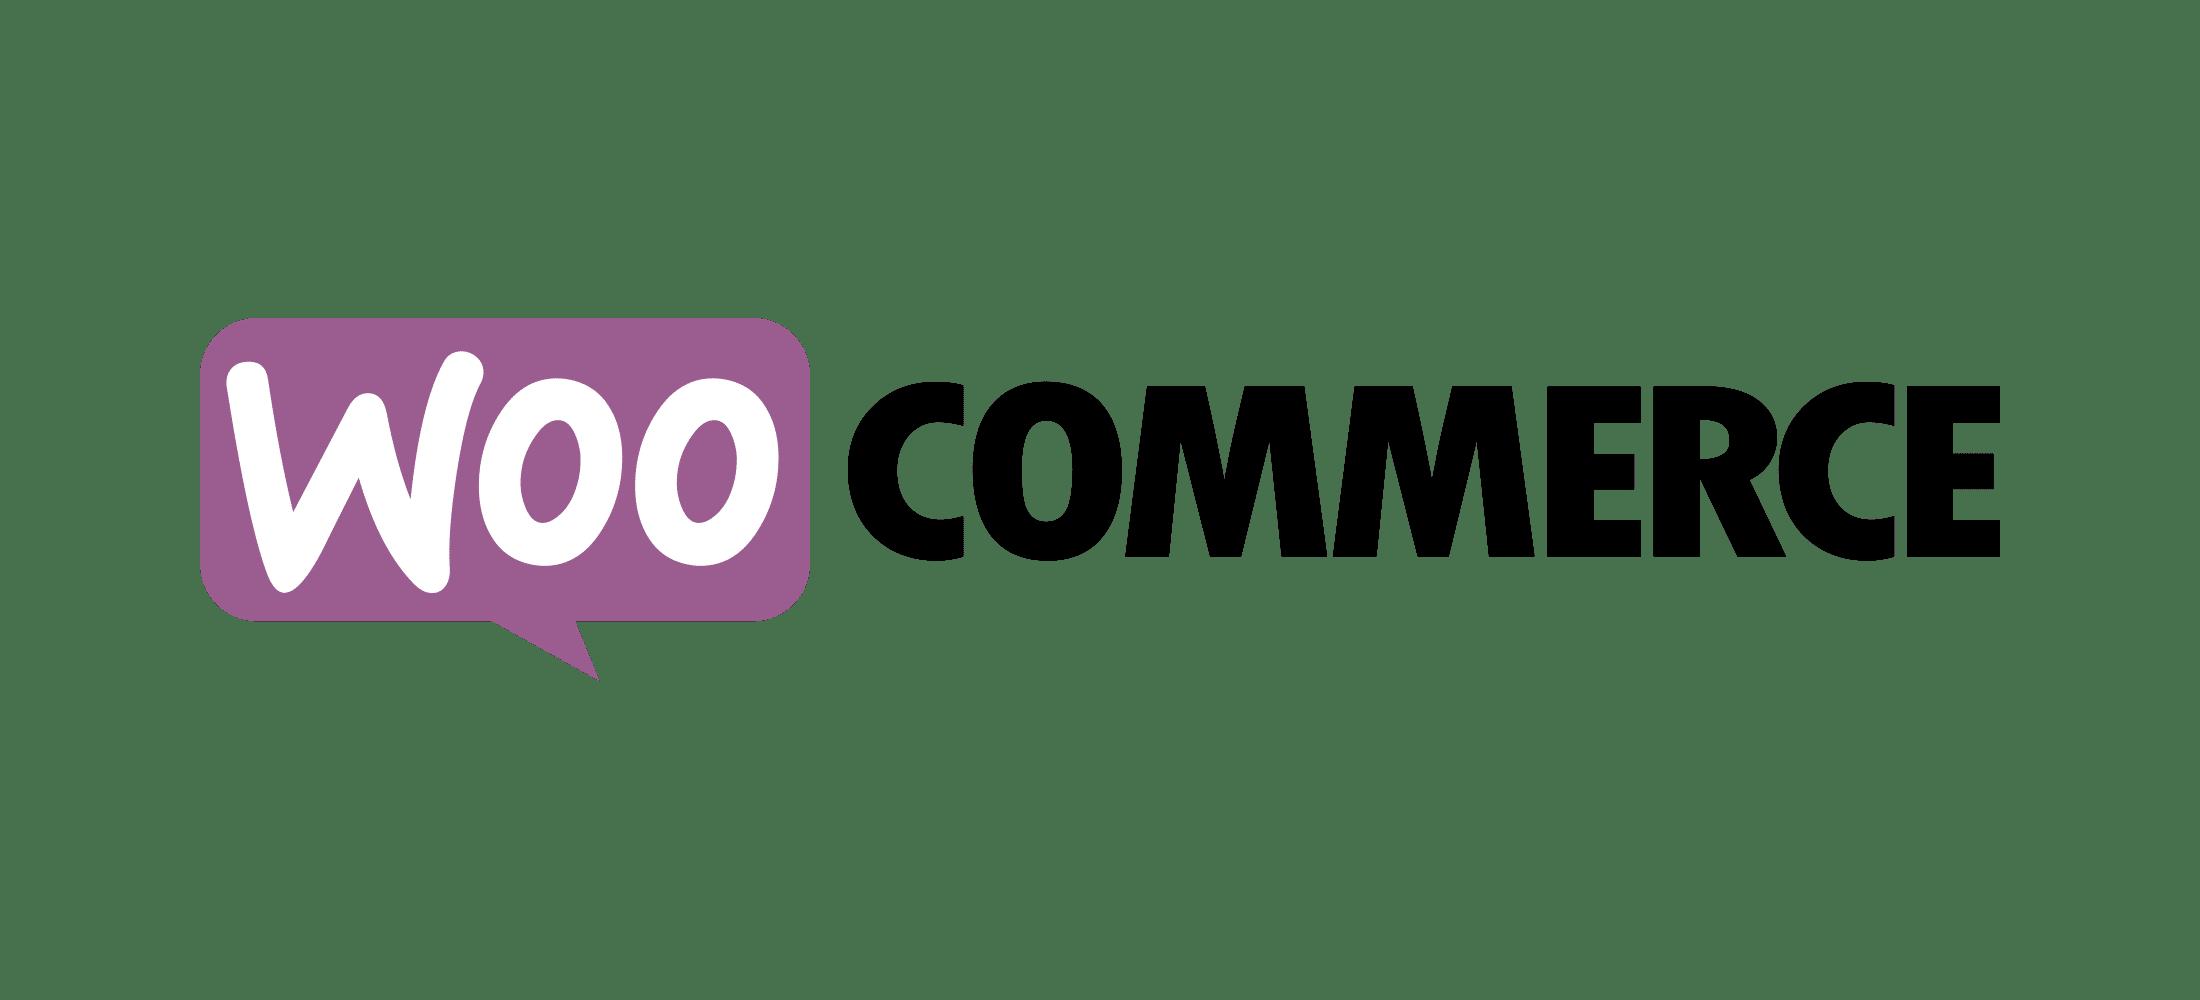 integración woocomerce y software tpv moda